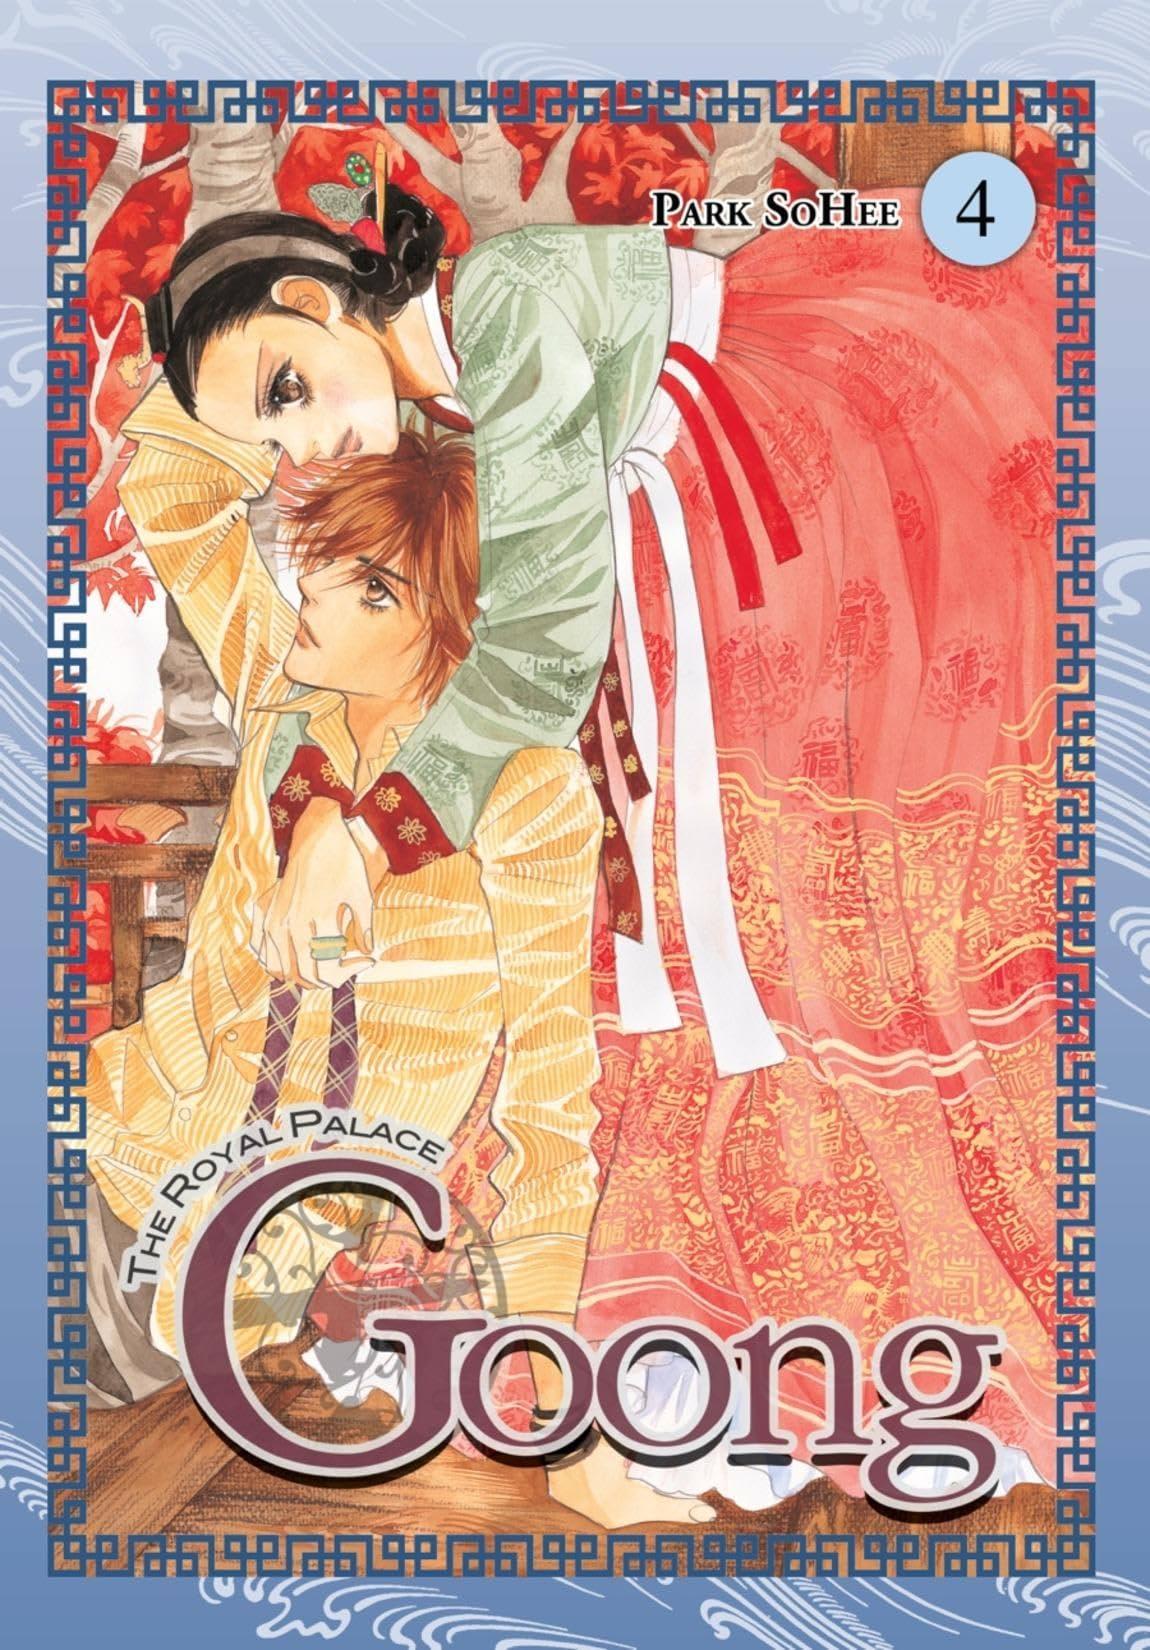 Goong Vol. 4: The Royal Palace